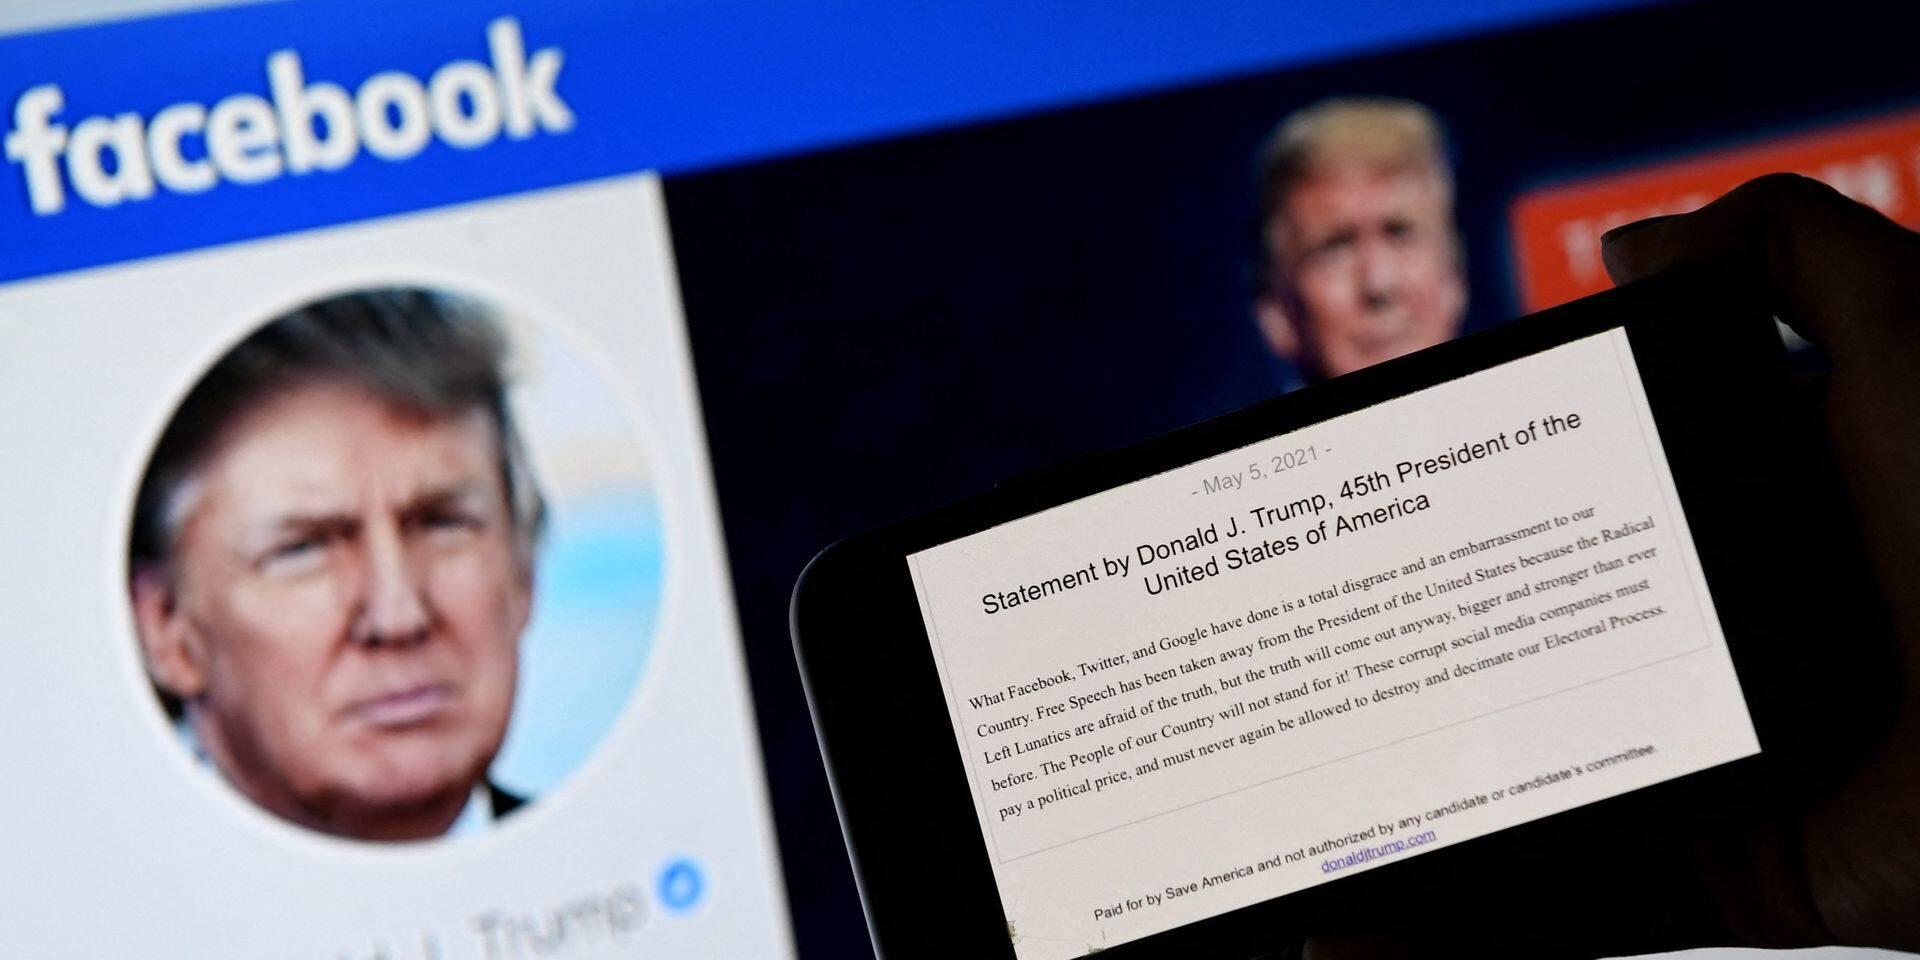 Les raisons de la suspension de Donald Trump sur Facebook